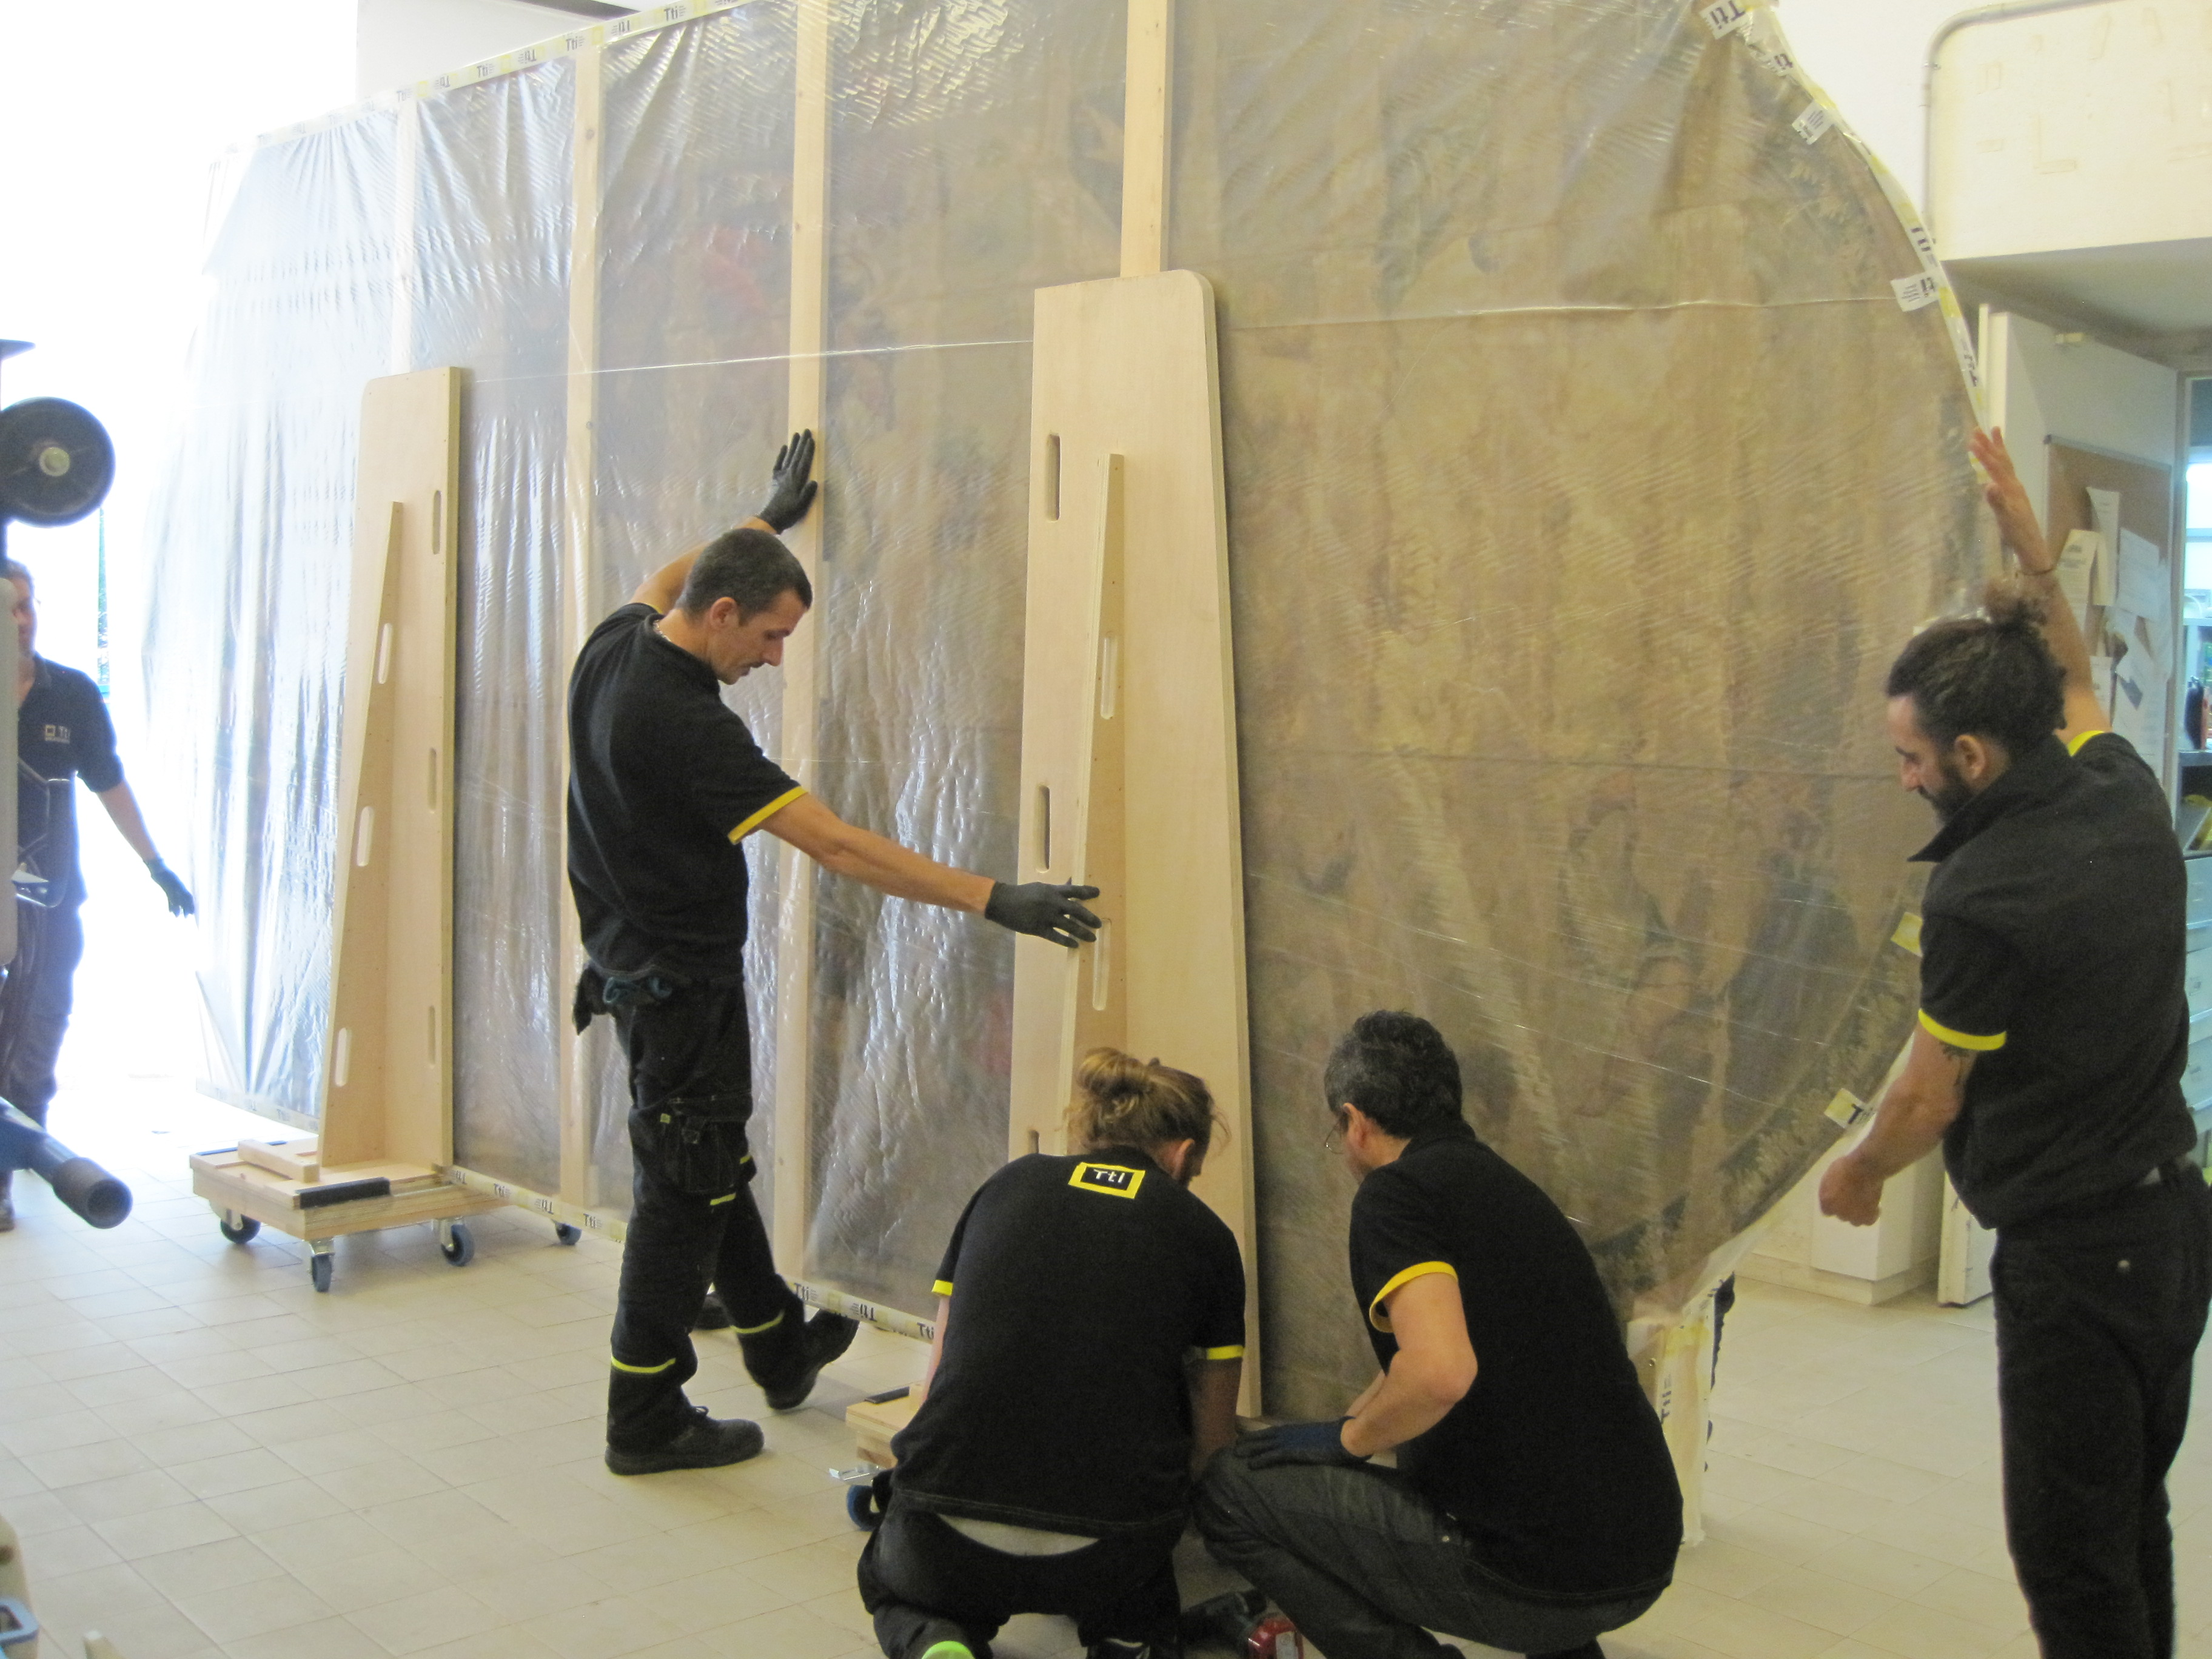 Handling of large-format artworks